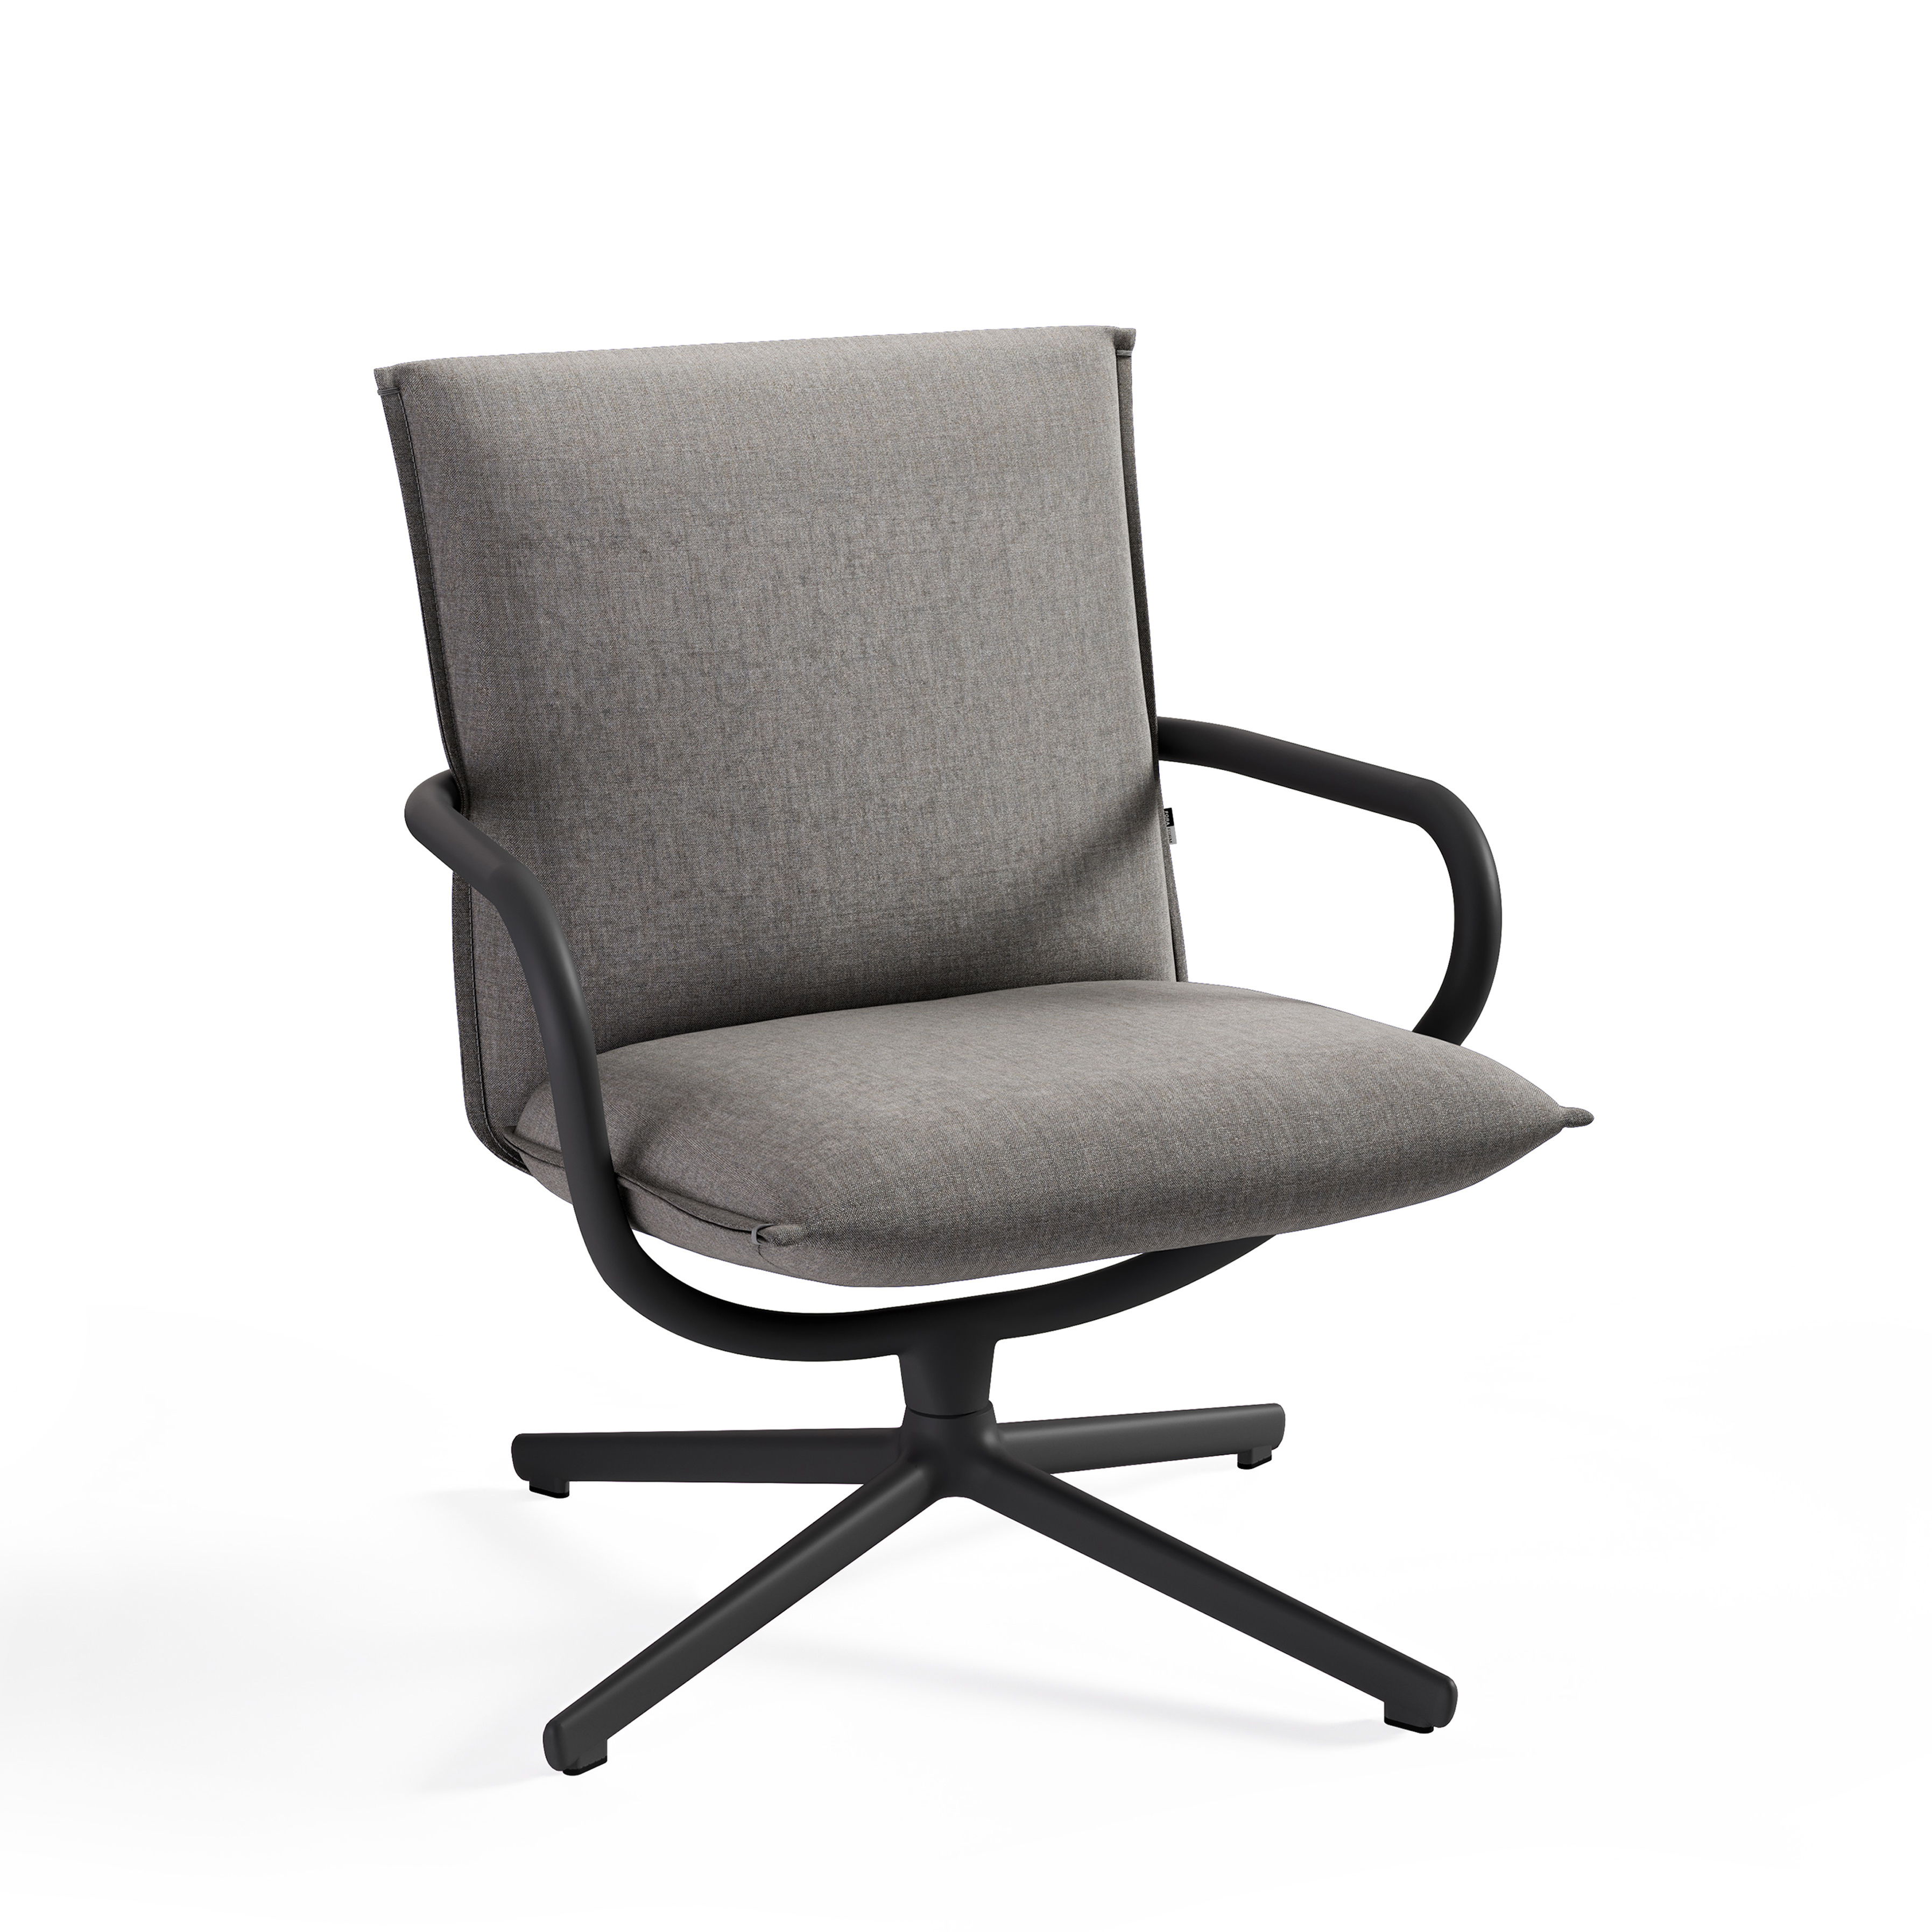 Camp stol med lav rygg i grå tekstil Fora Form